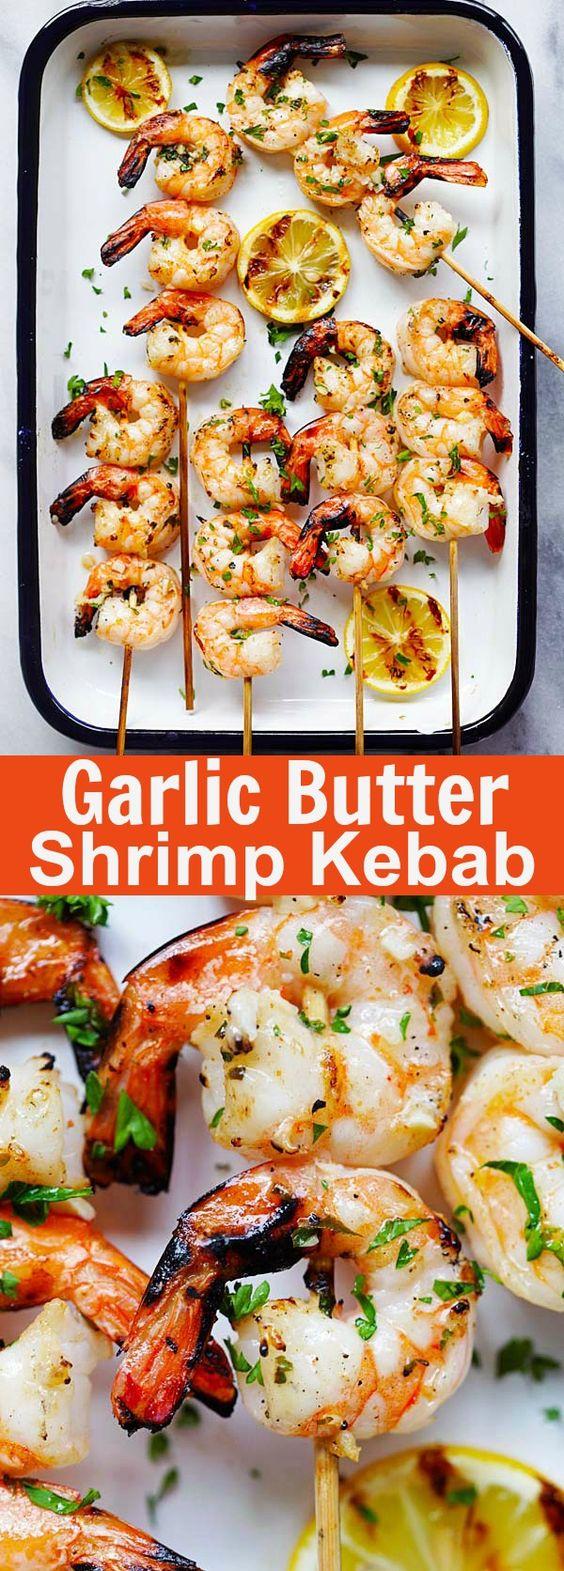 Garlic Butter Shrimp Kebab Recipe